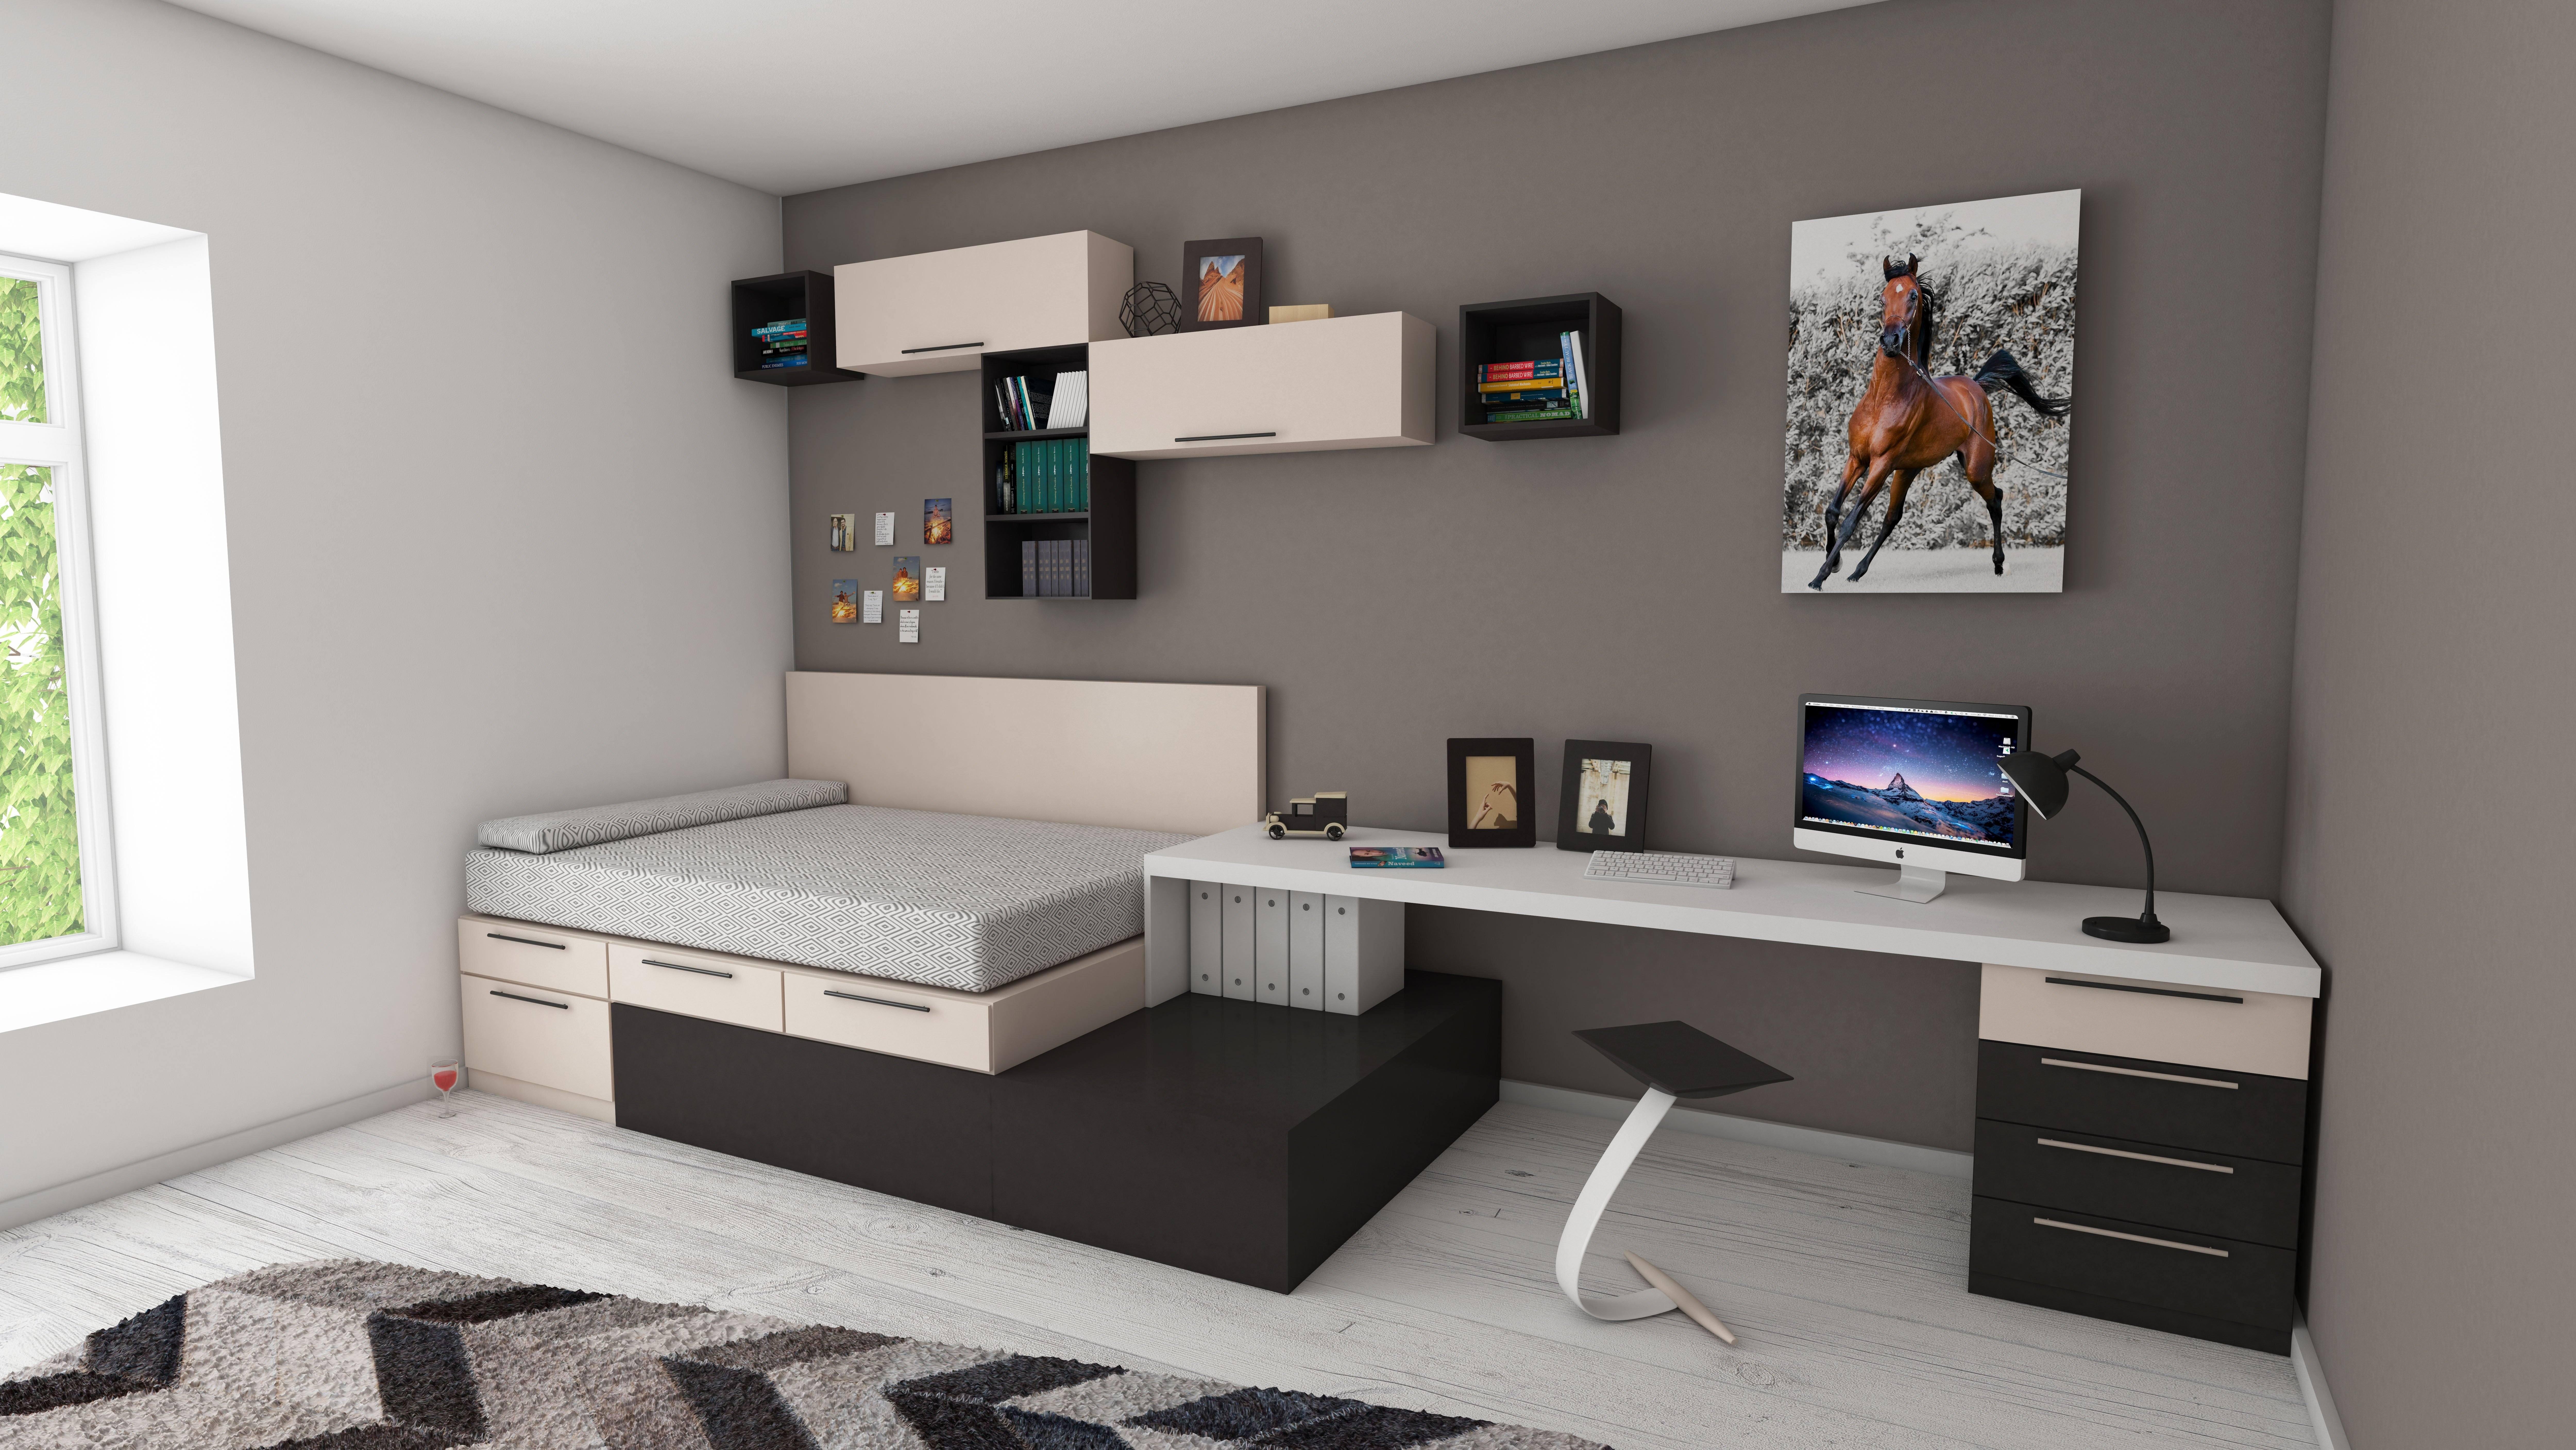 Maisons + Terrains du constructeur HESTIA HOME CONCEPT • 90 m² • SAINT ORENS DE GAMEVILLE